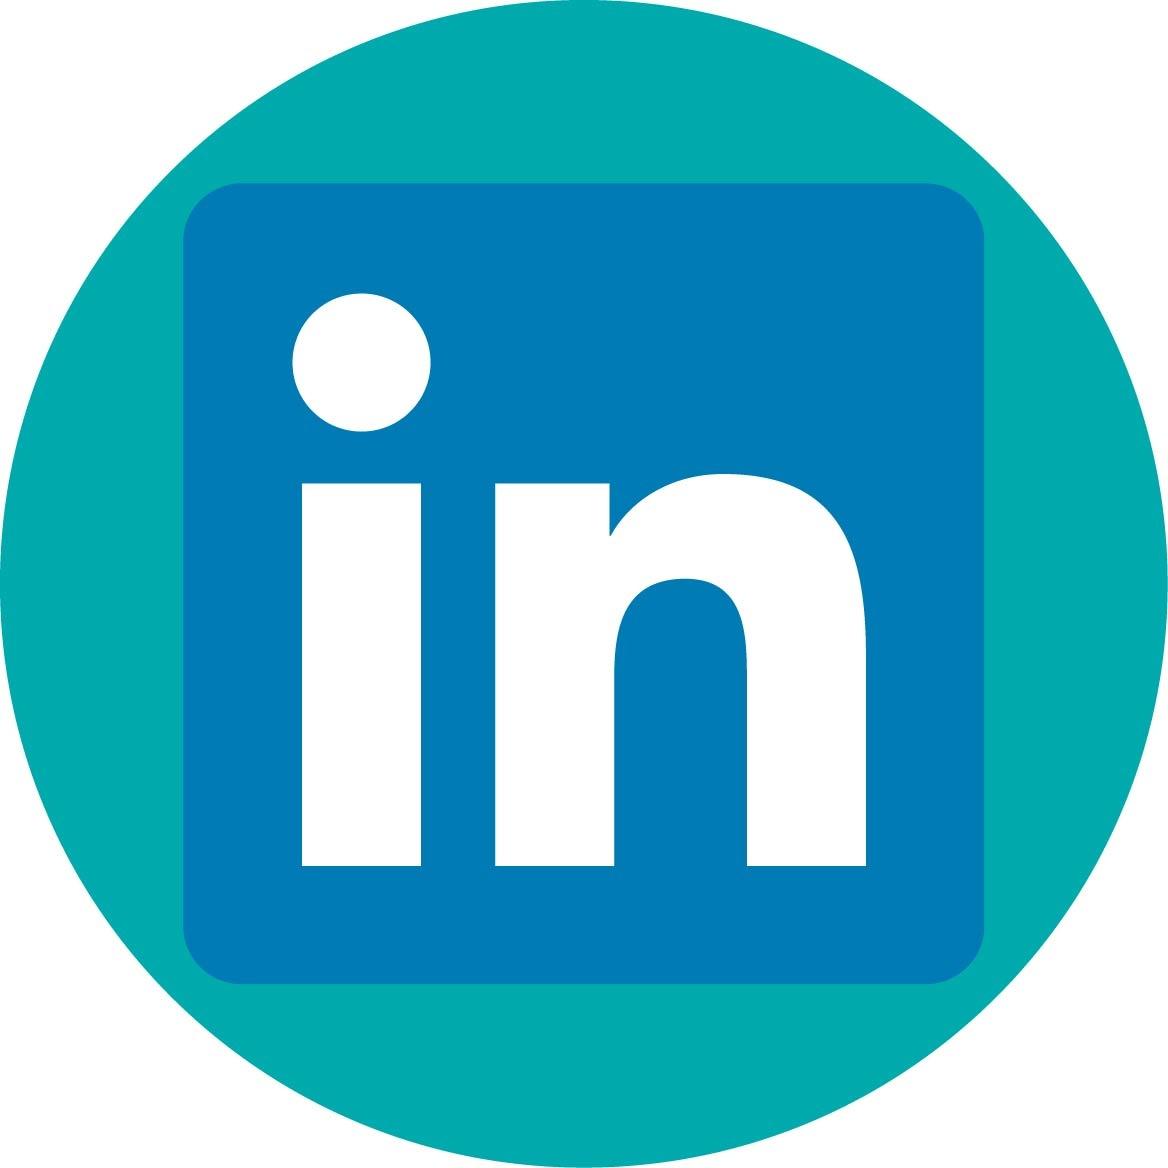 LinkedIn_logo_rounded.jpg